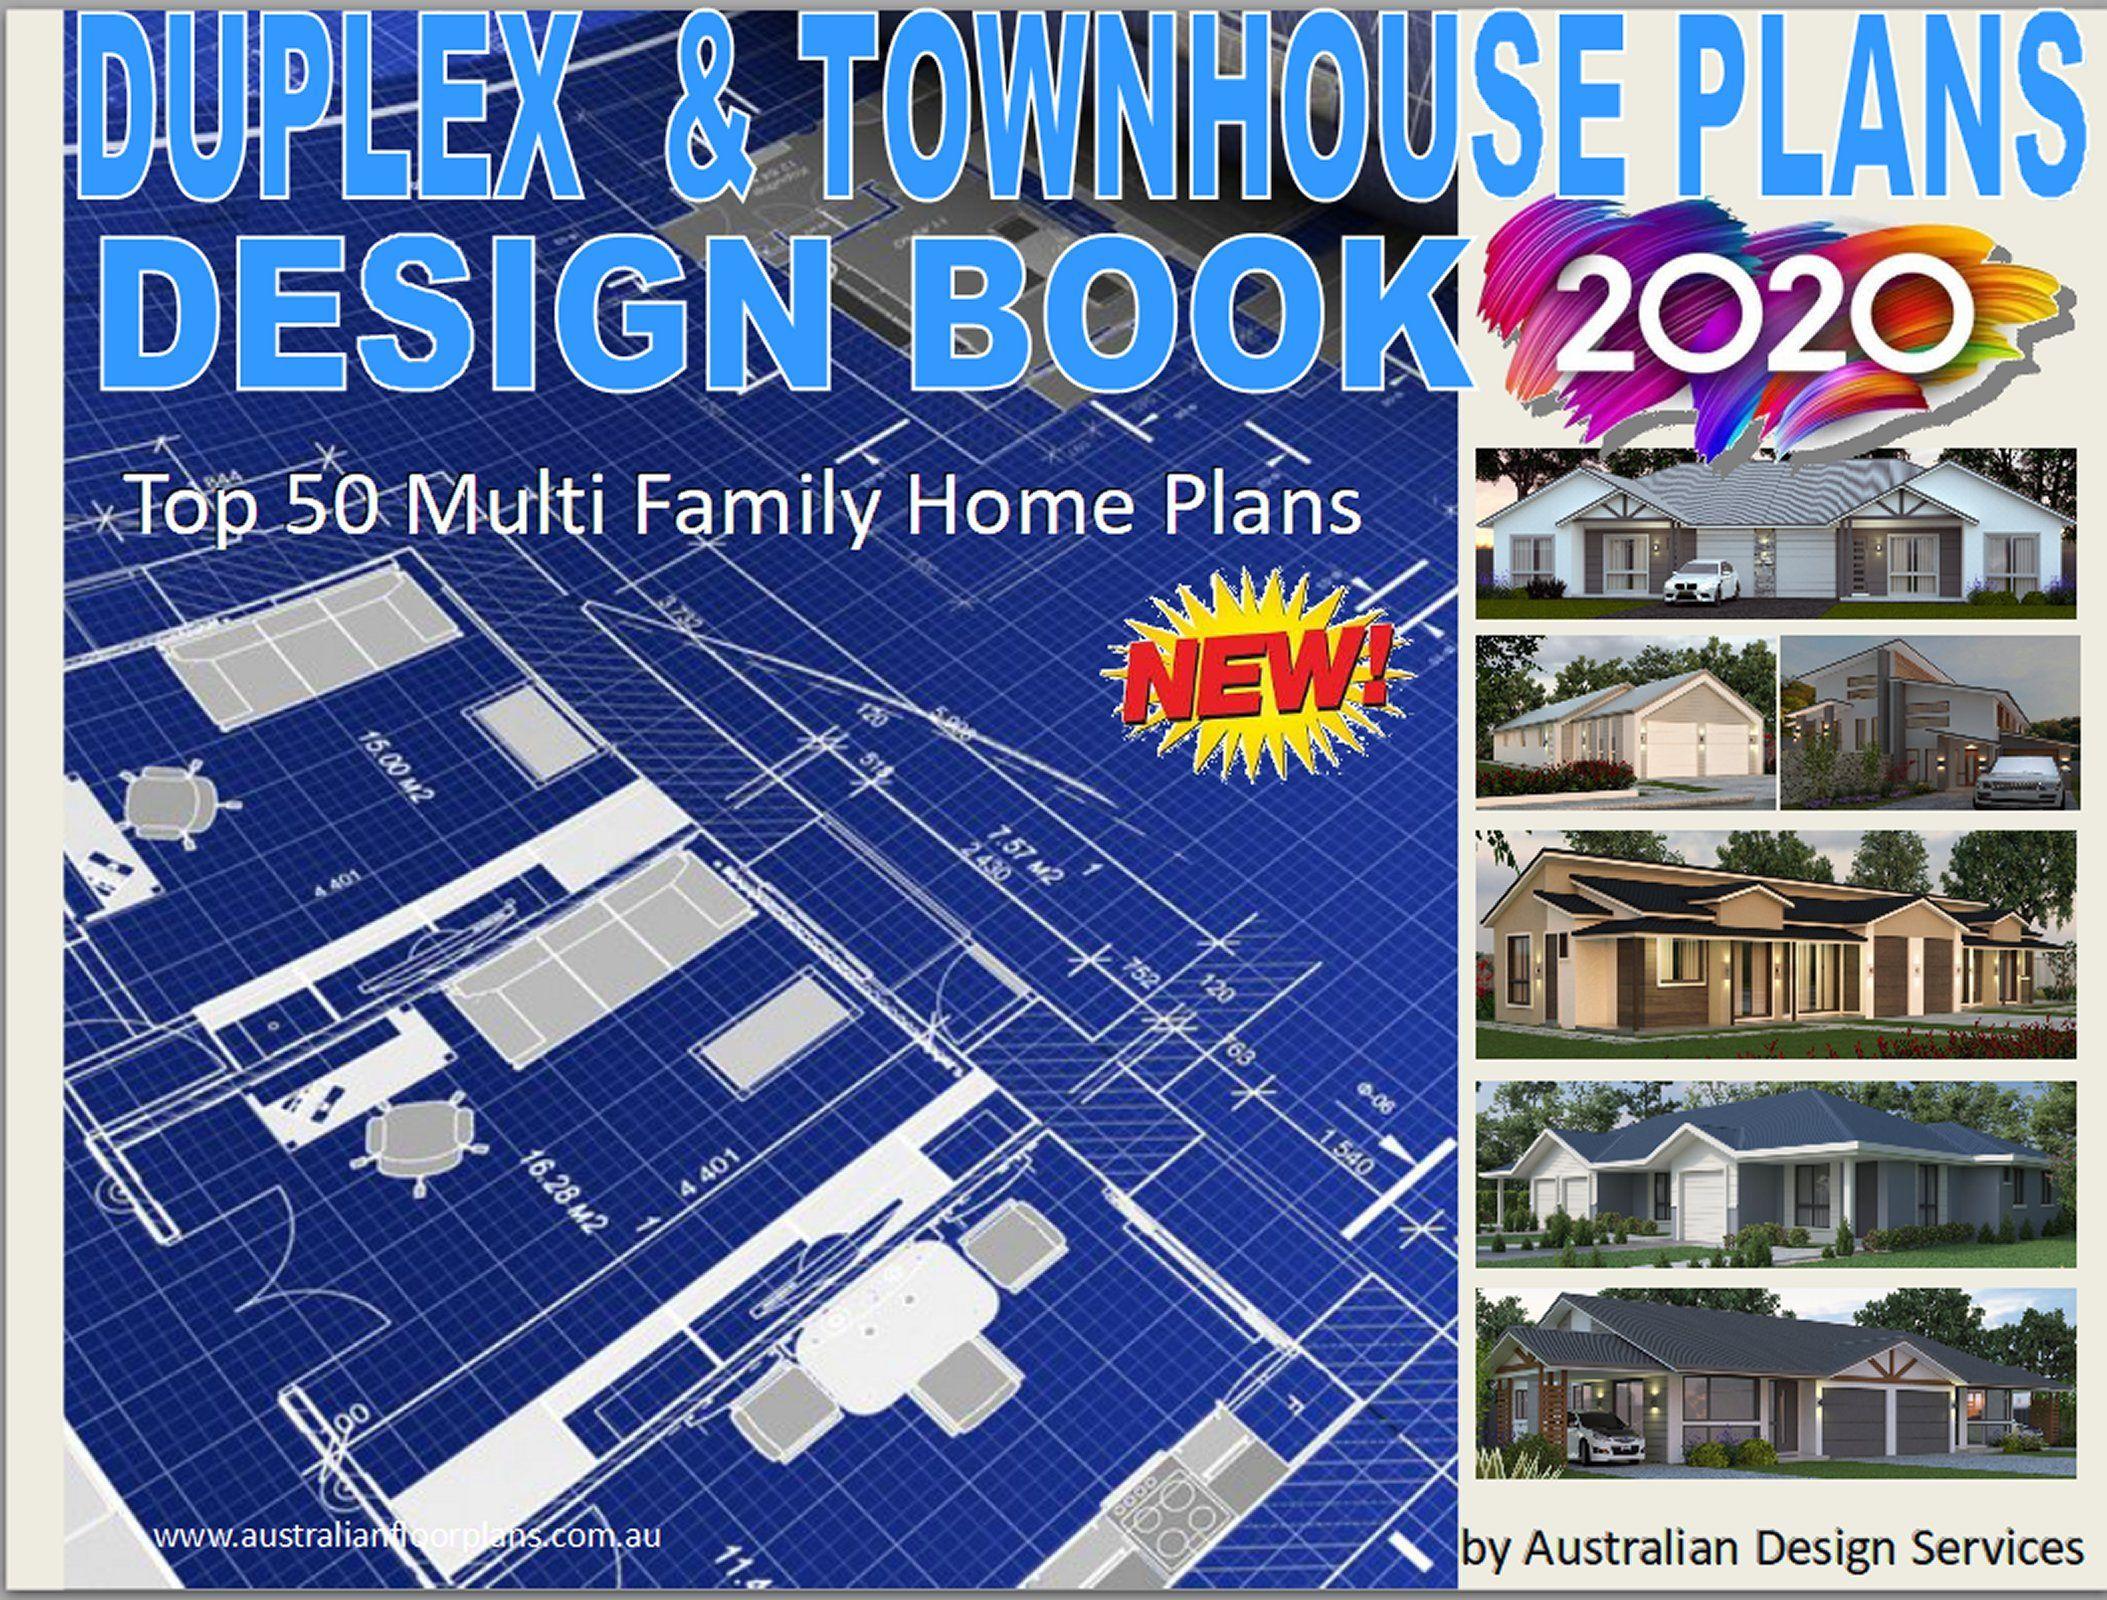 Buy Floor Plans Online Here Duplex House Plans Distinctive Home Designs Townhouse House Plans Dual Family House Floor Plans Unique House Plans Family House Plans Floor Plans Online